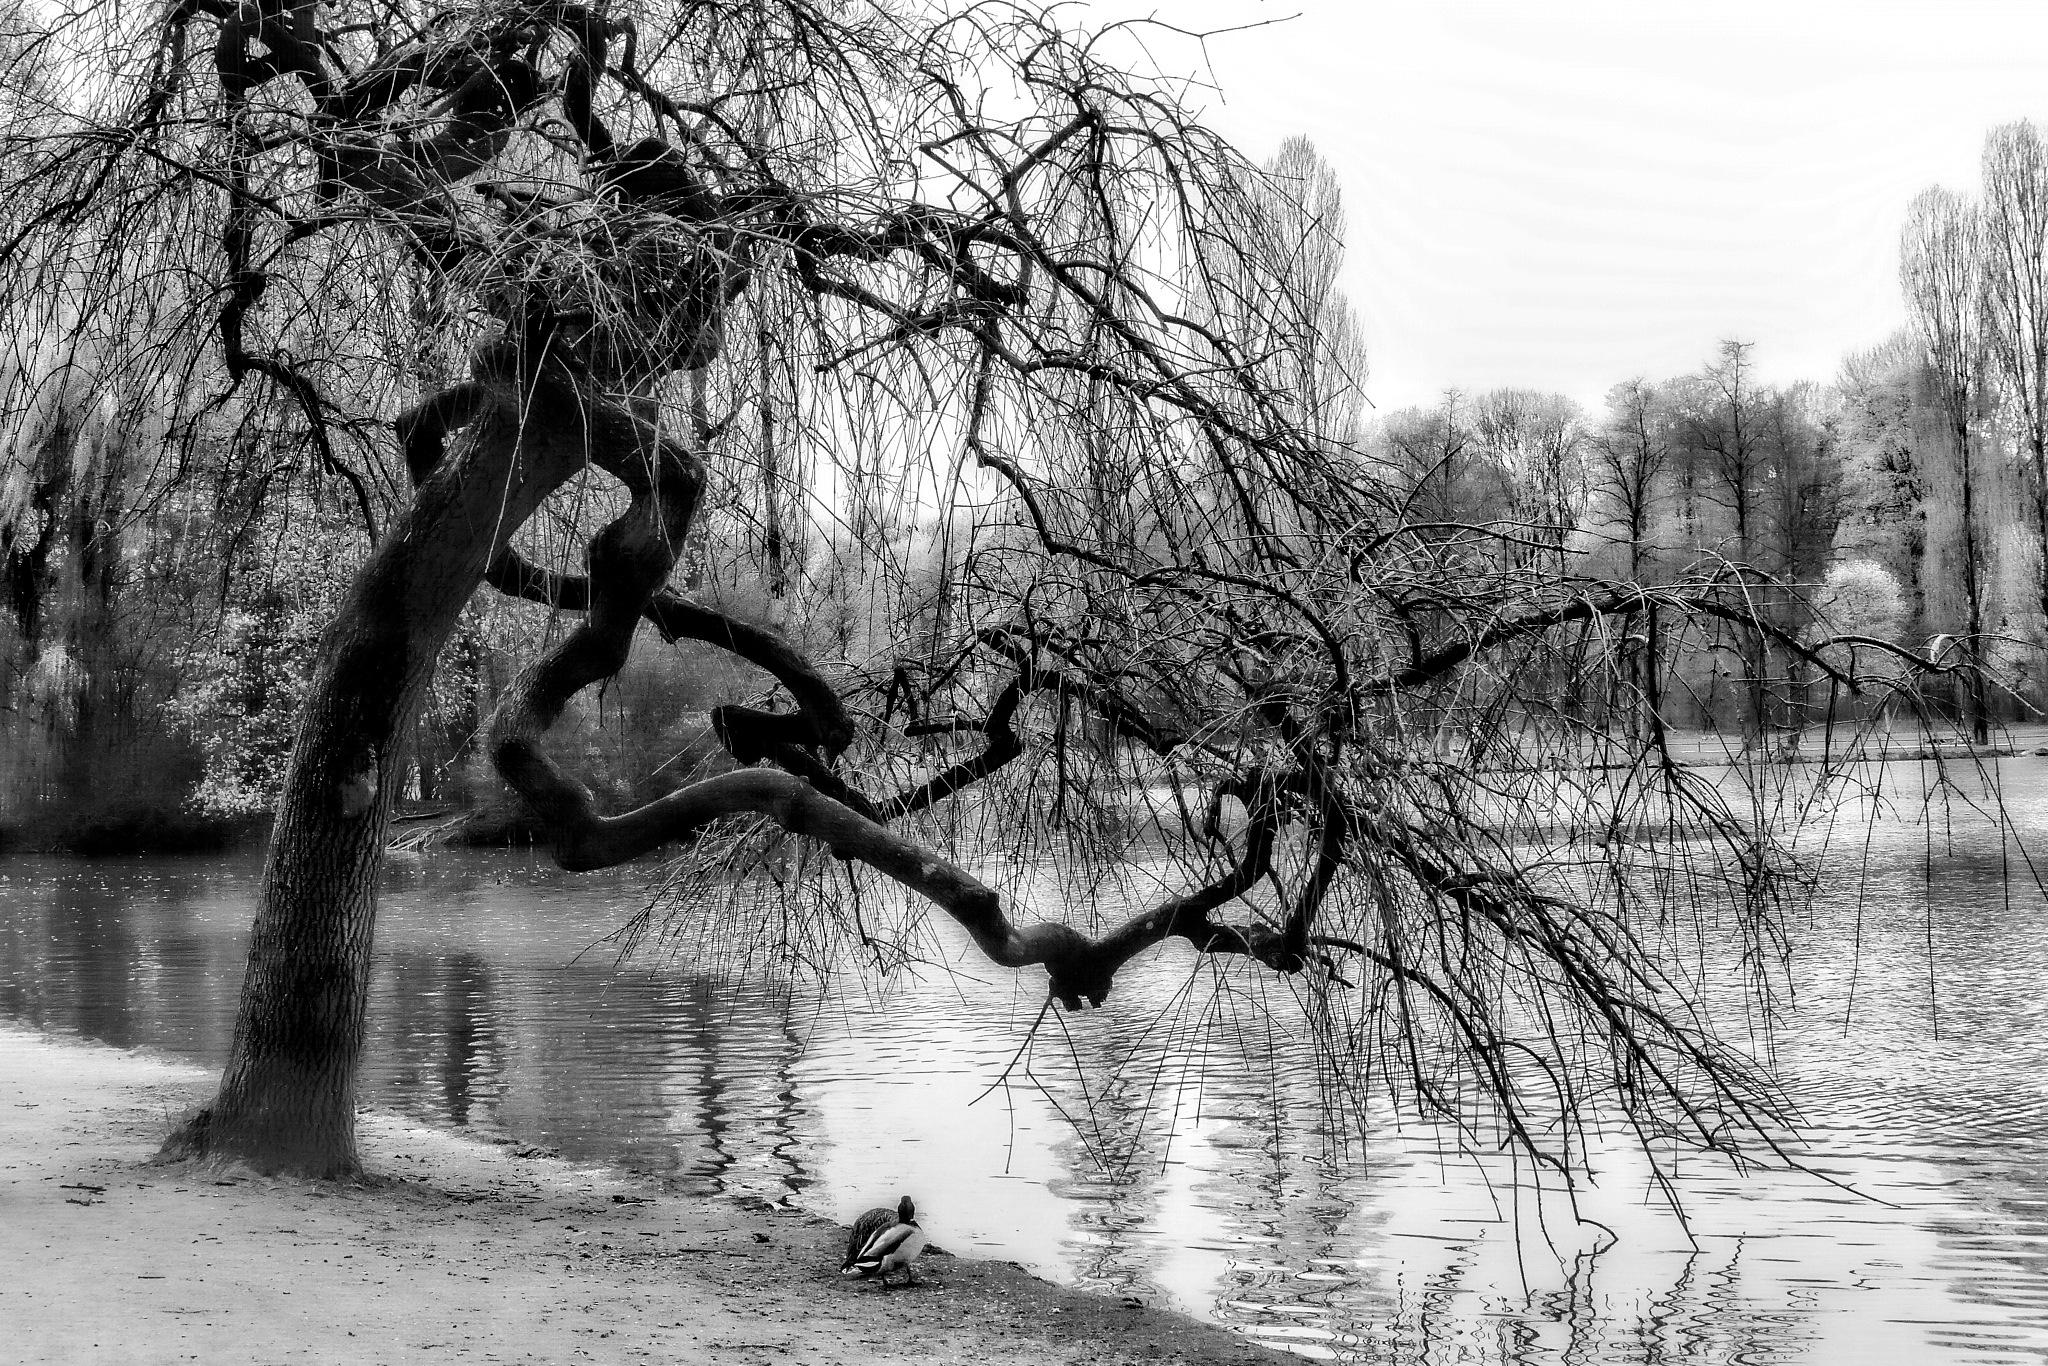 Crippled tree by Brigitte Werner